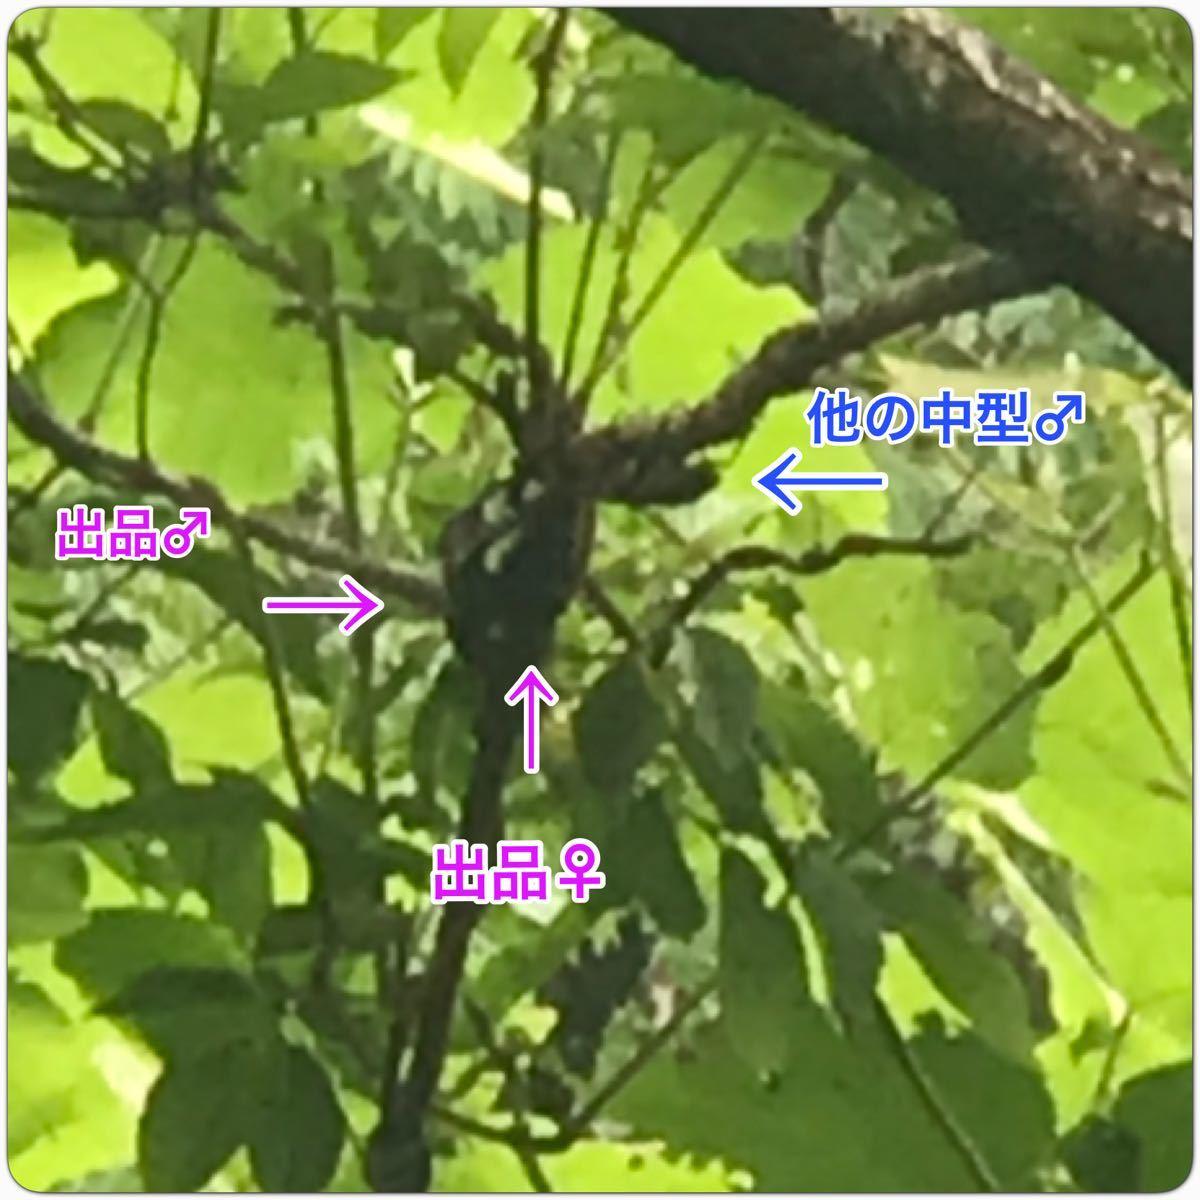 No.47【虫神蔵】天然 大型 ミヤマクワガタ 宮崎県産 ♂74mm+メイトガード♀付き!_画像6